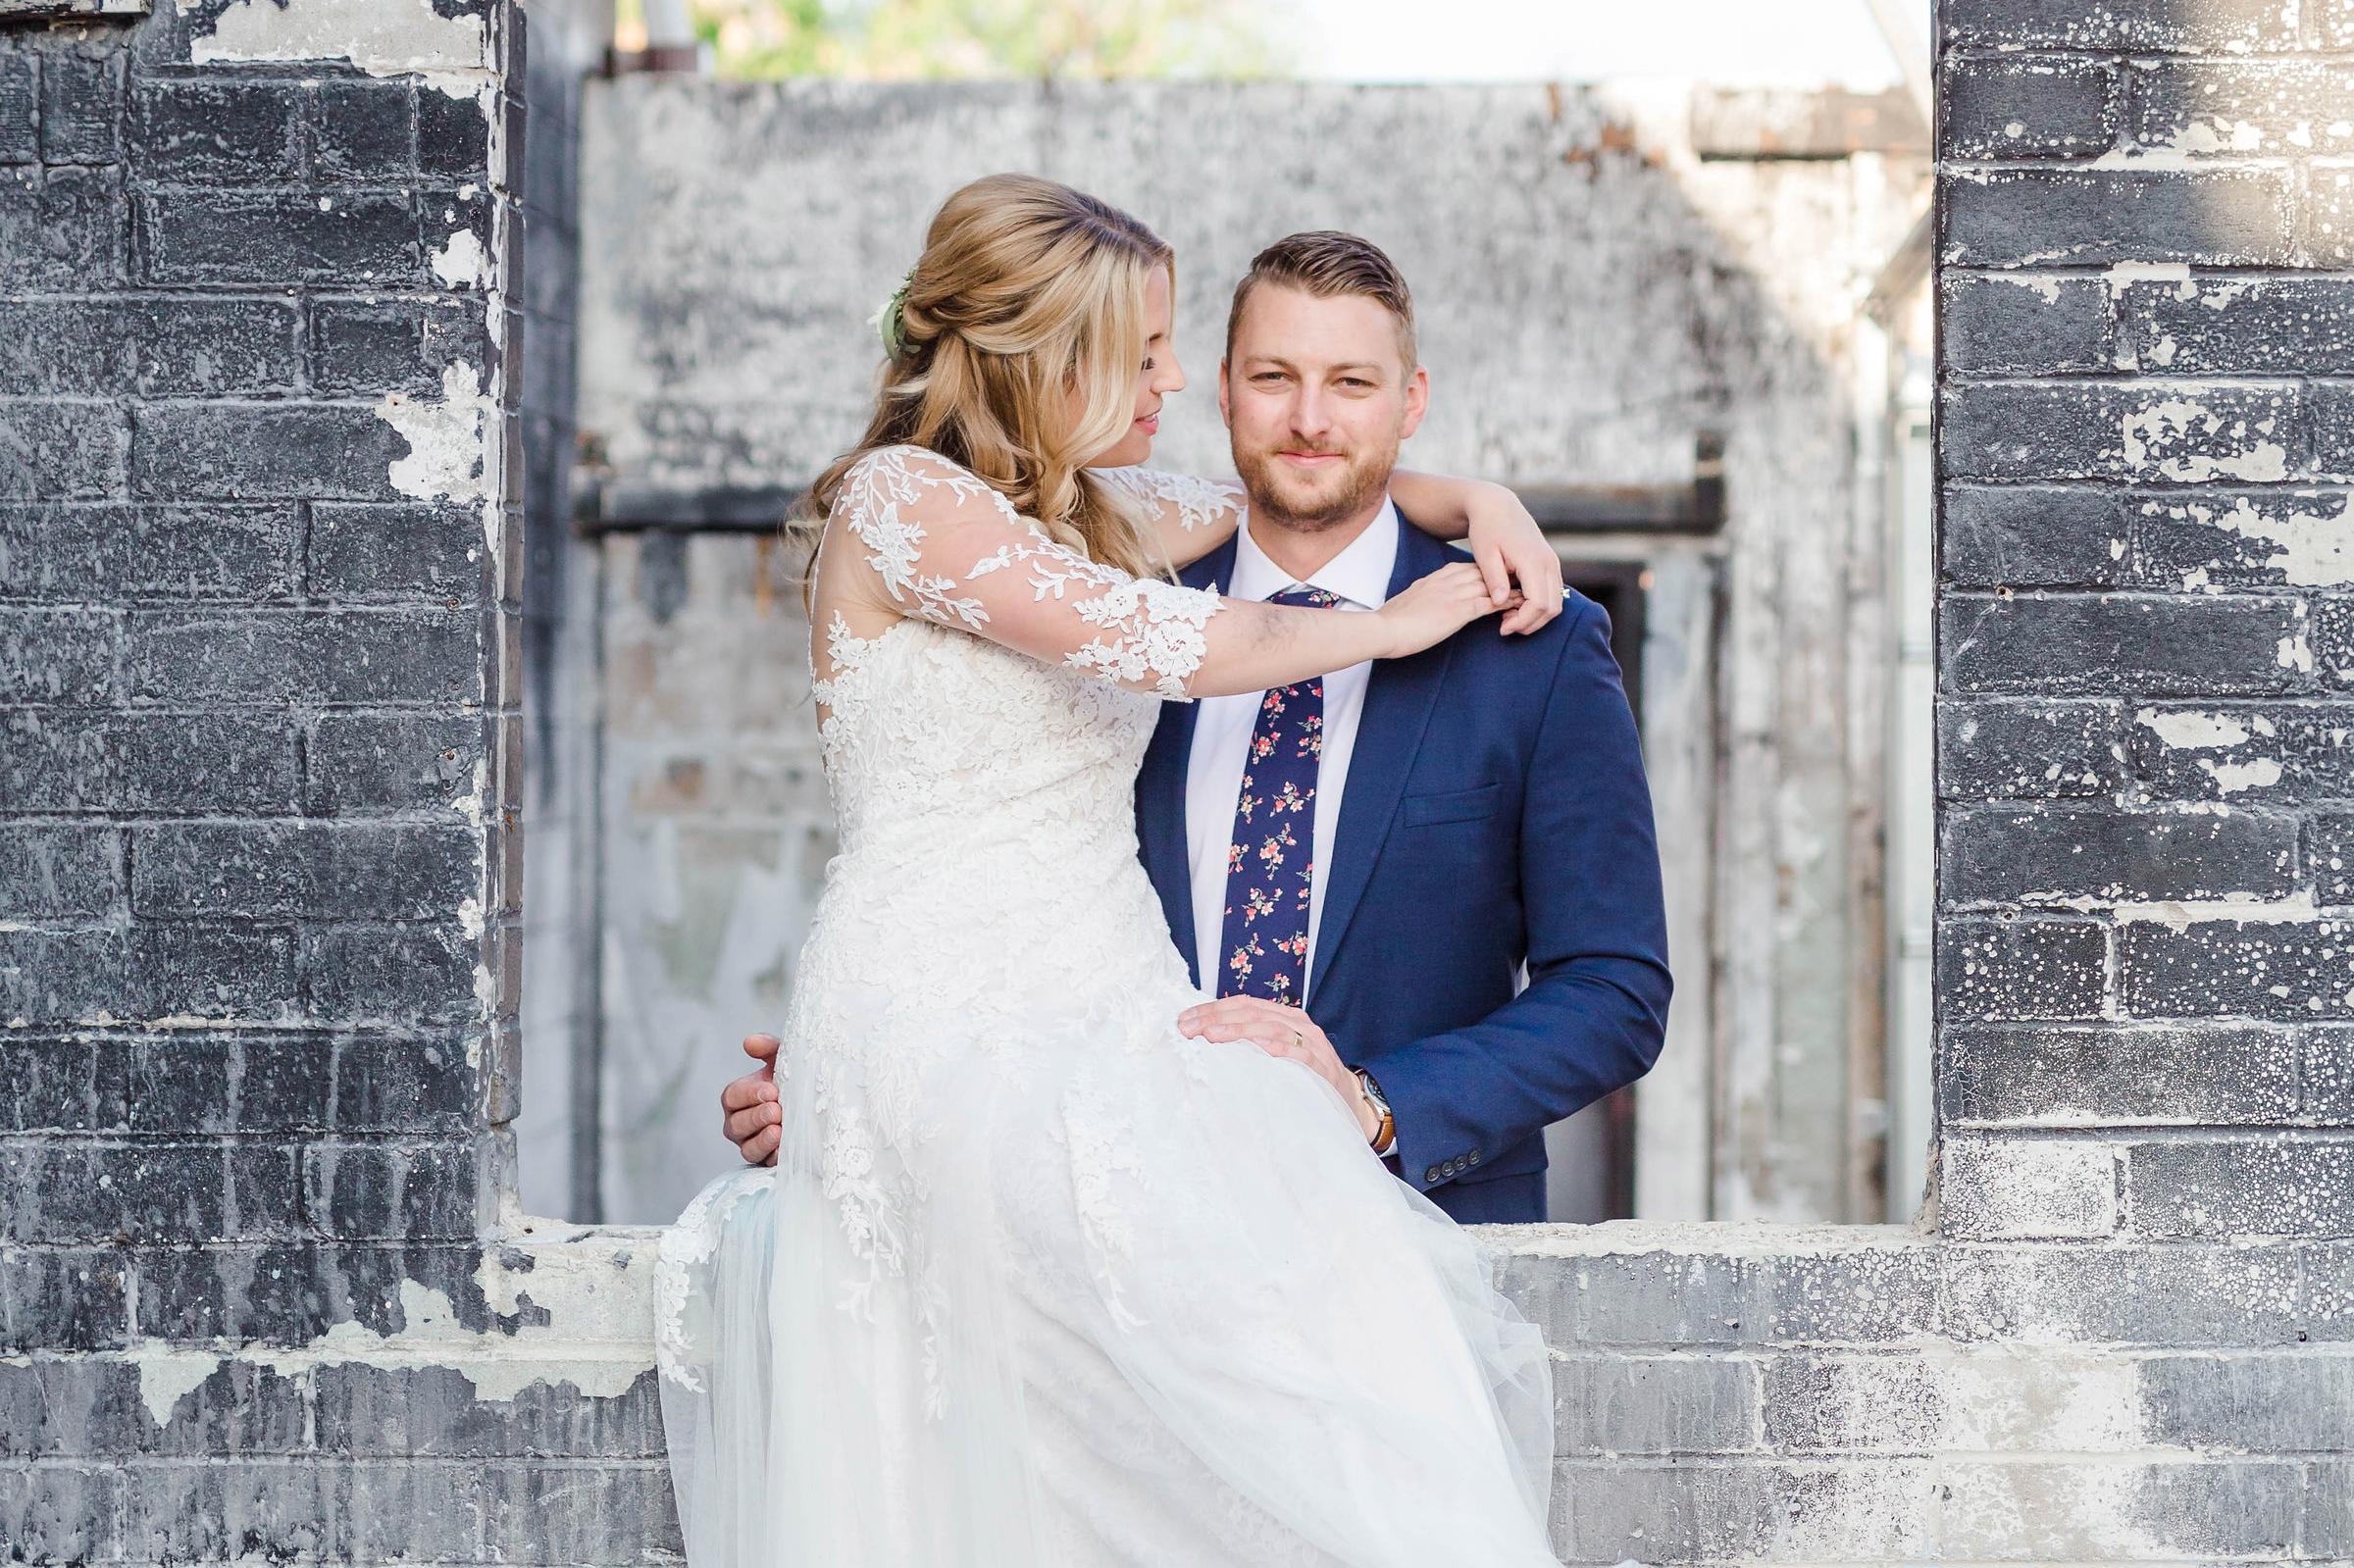 BeBoulderPhotography_WeddingPhotography-193.jpg